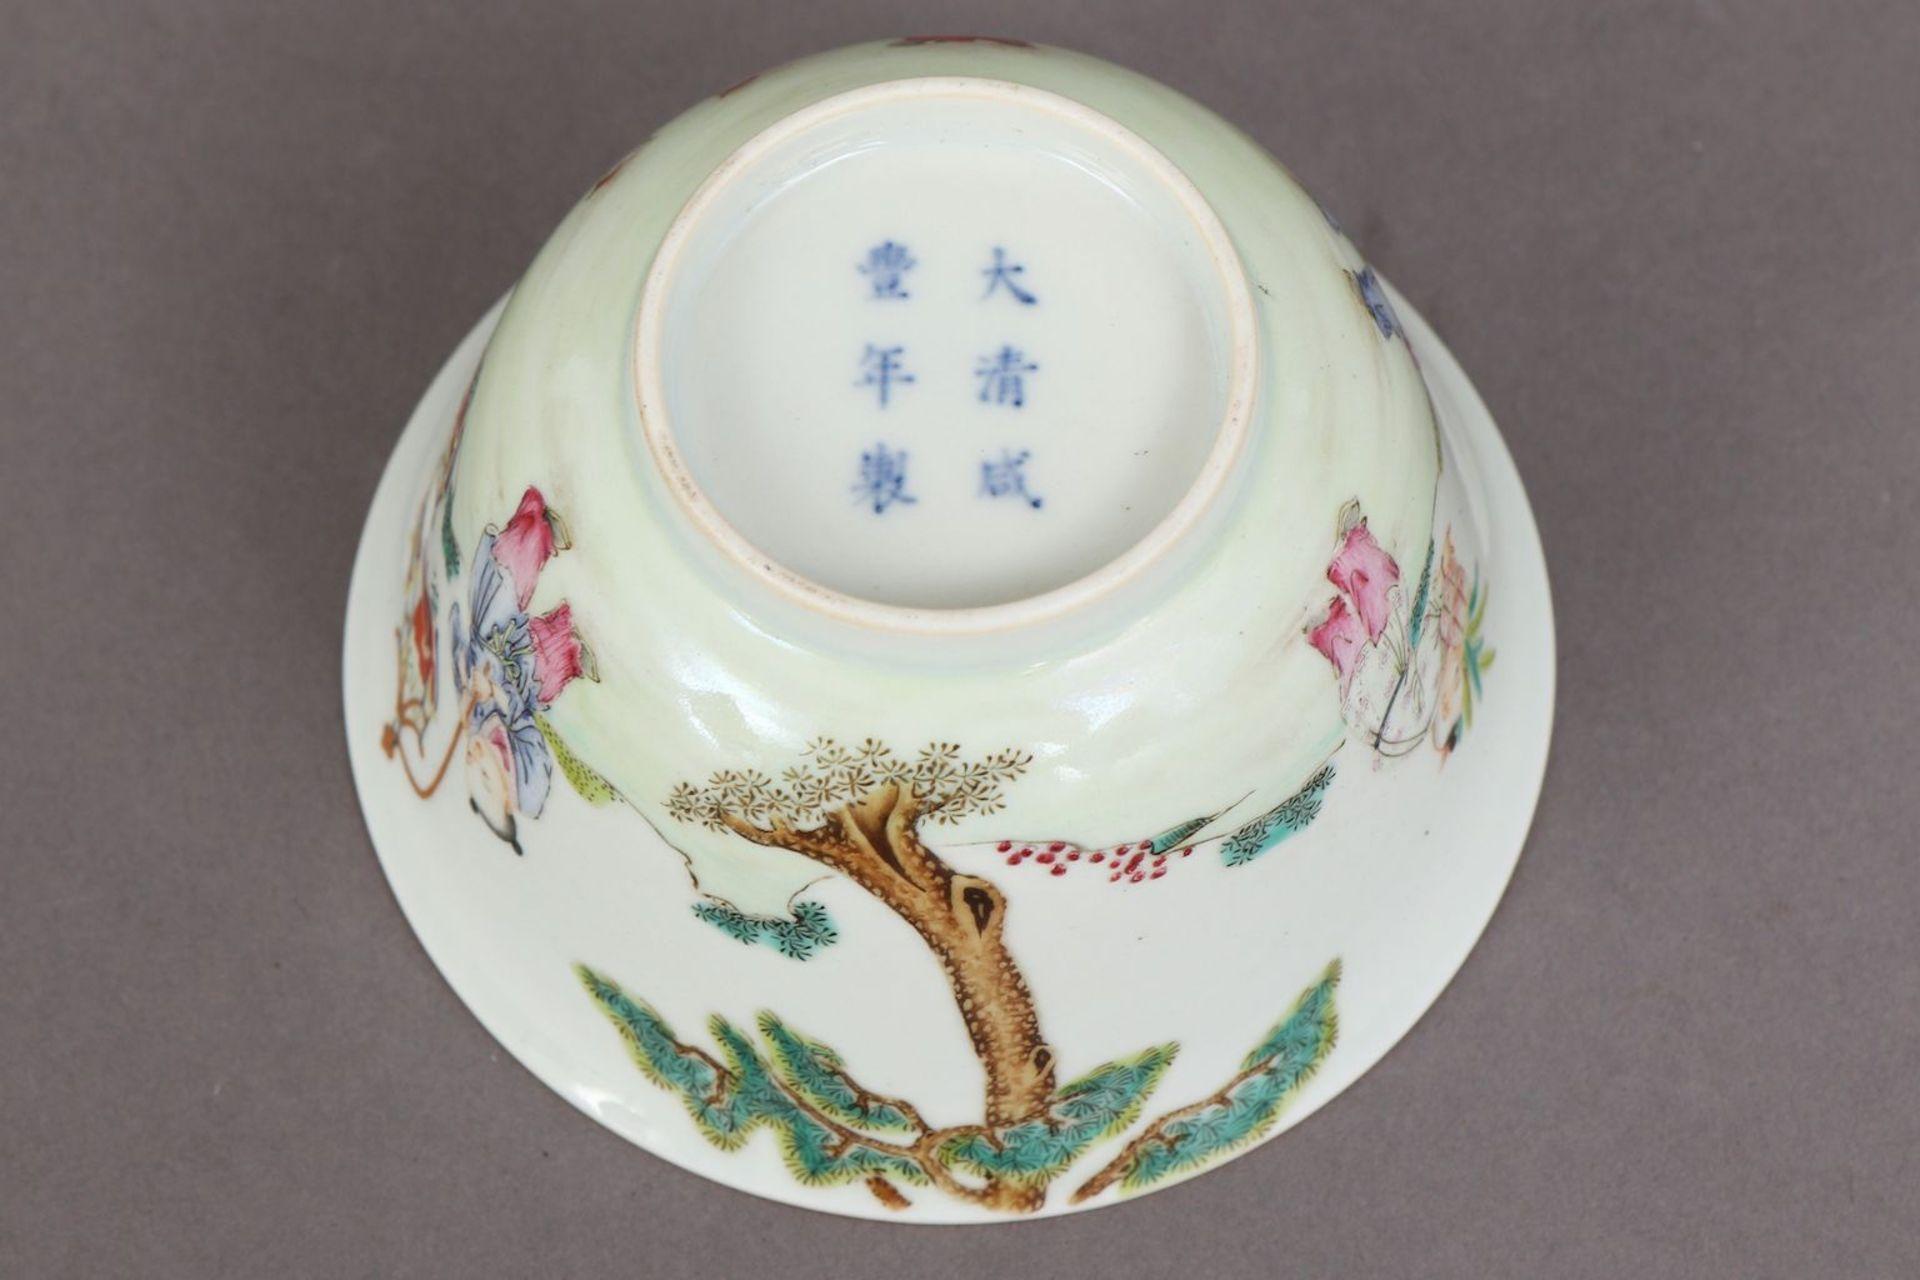 Chinesisches Porzellankoppchen des 20. Jahrhunderts - Bild 4 aus 4